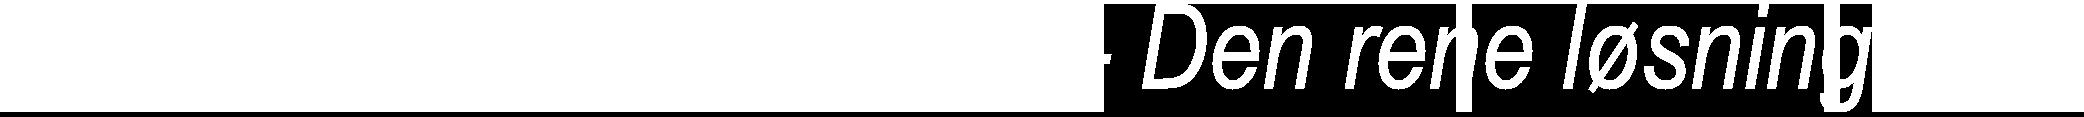 KENT Højtryksrensere Logo Undertekst